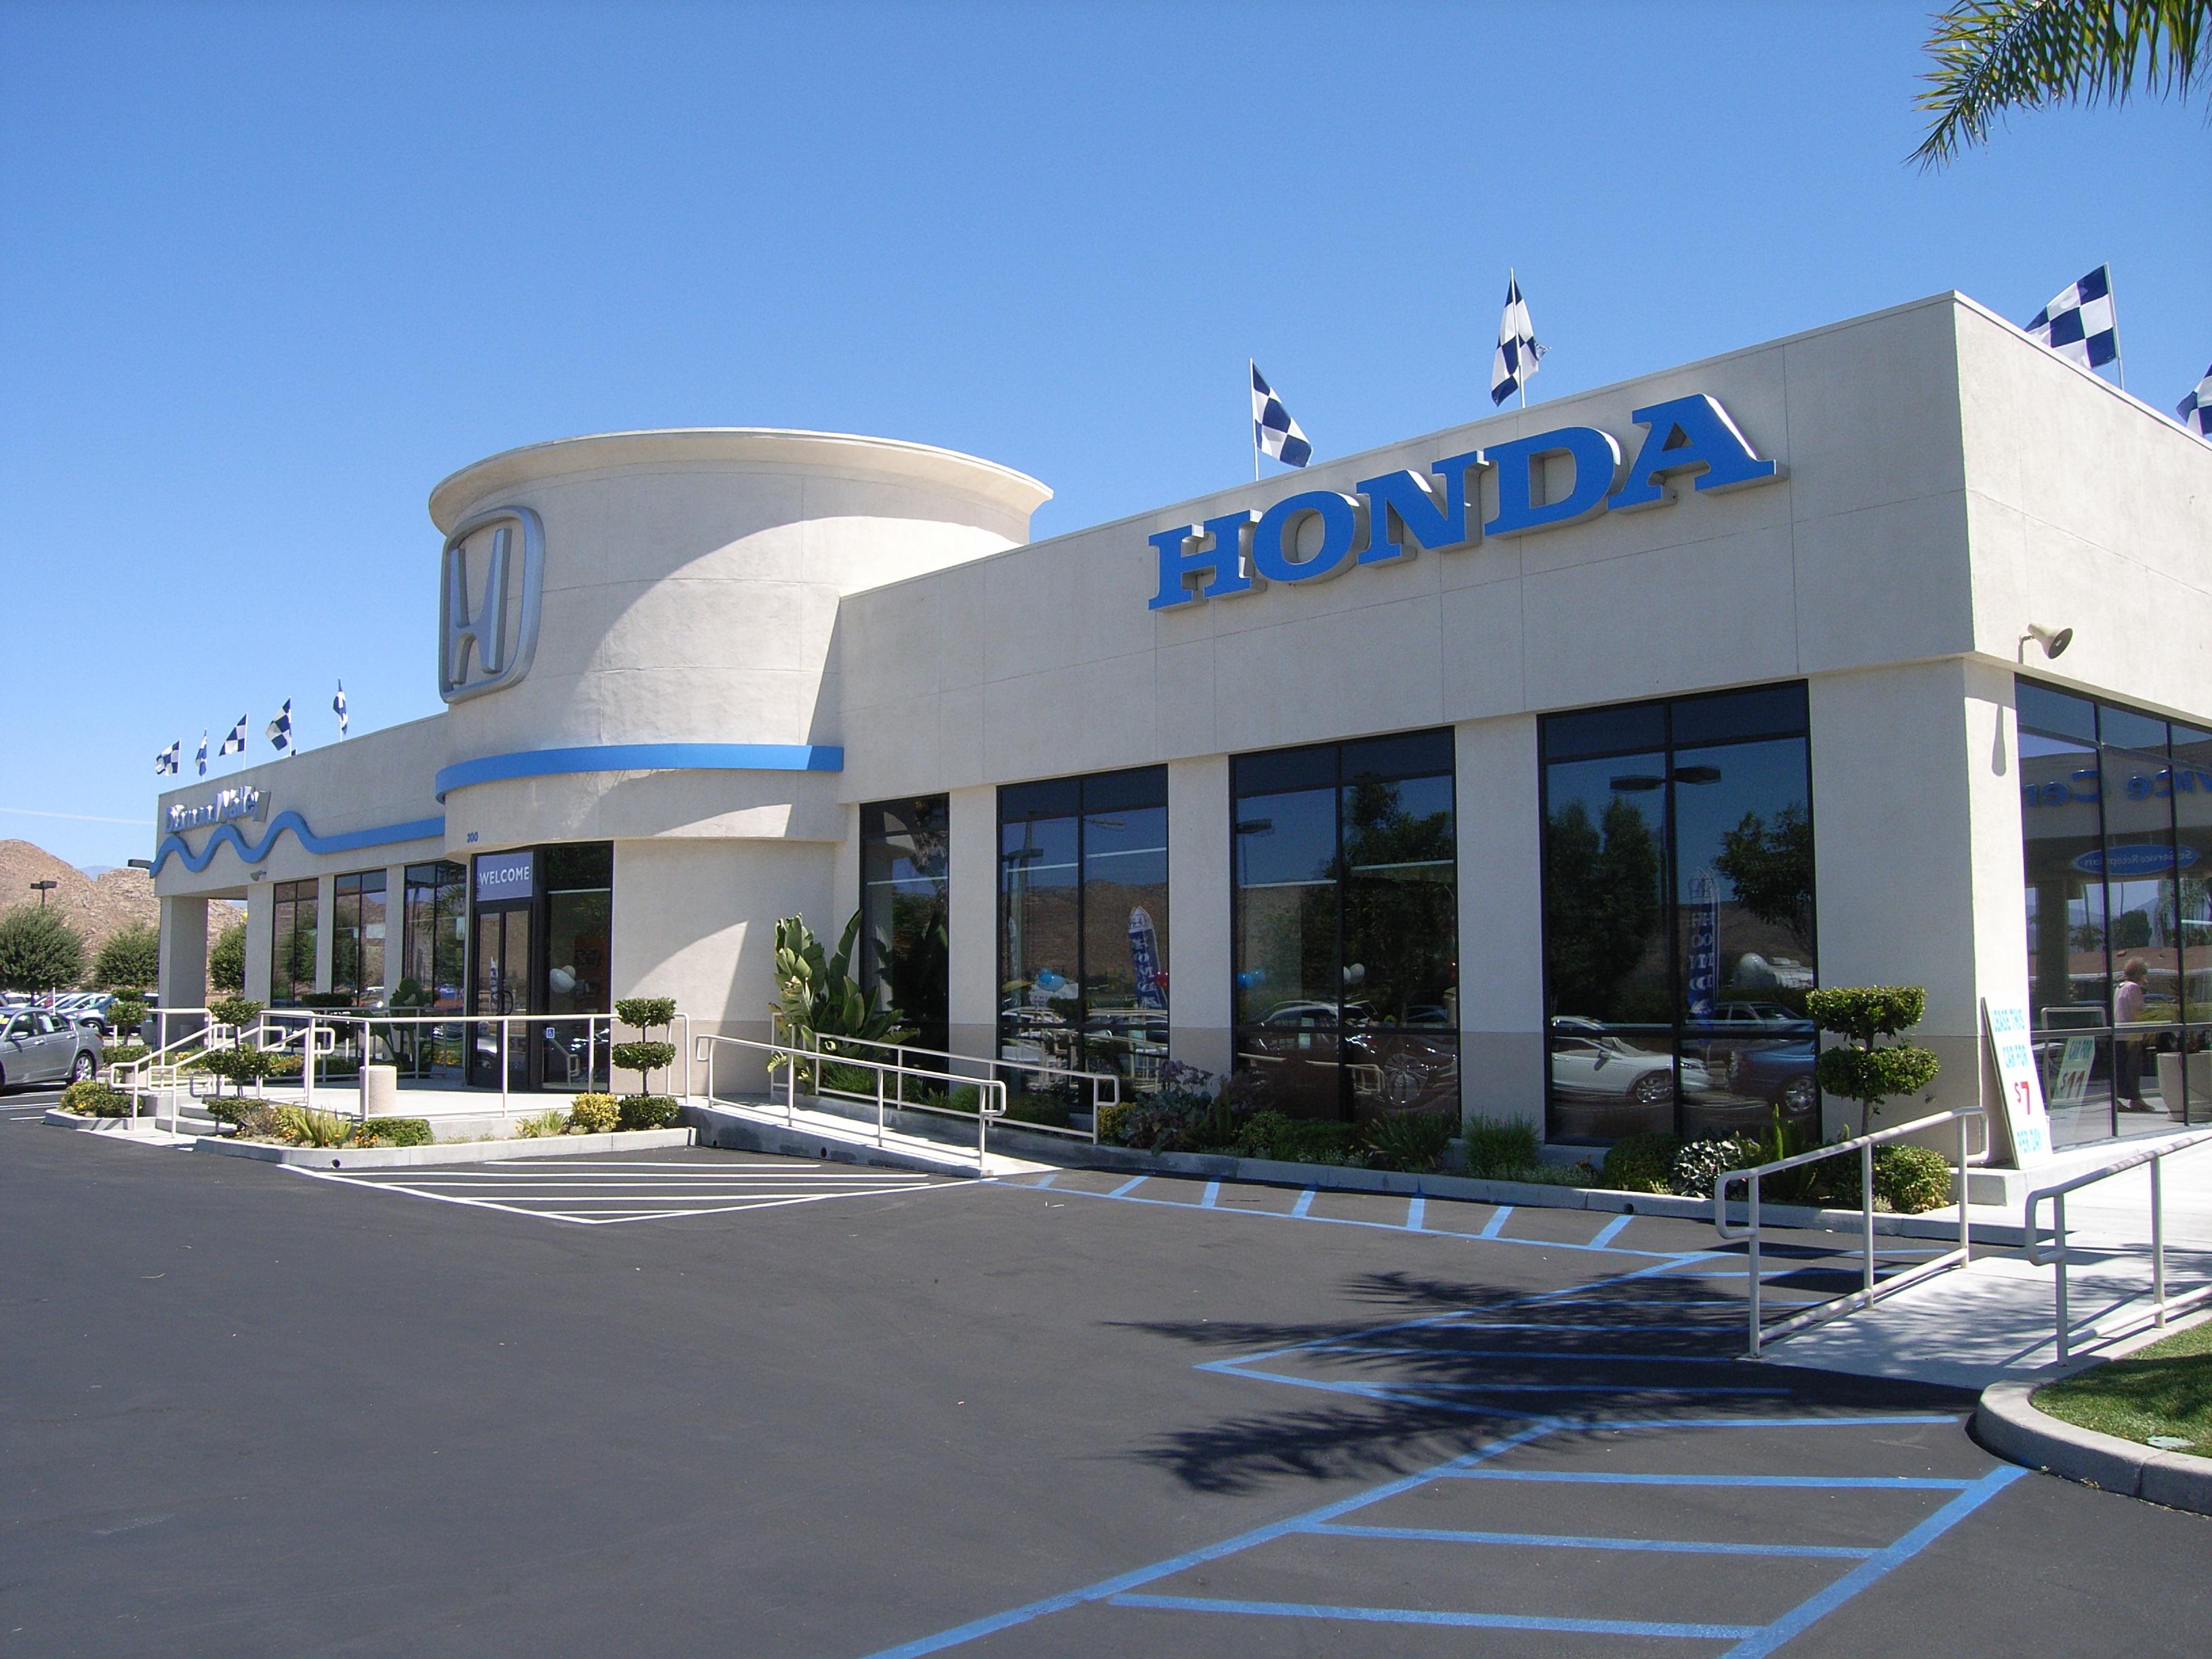 Diamond valley honda hemet ca company page for California company directory